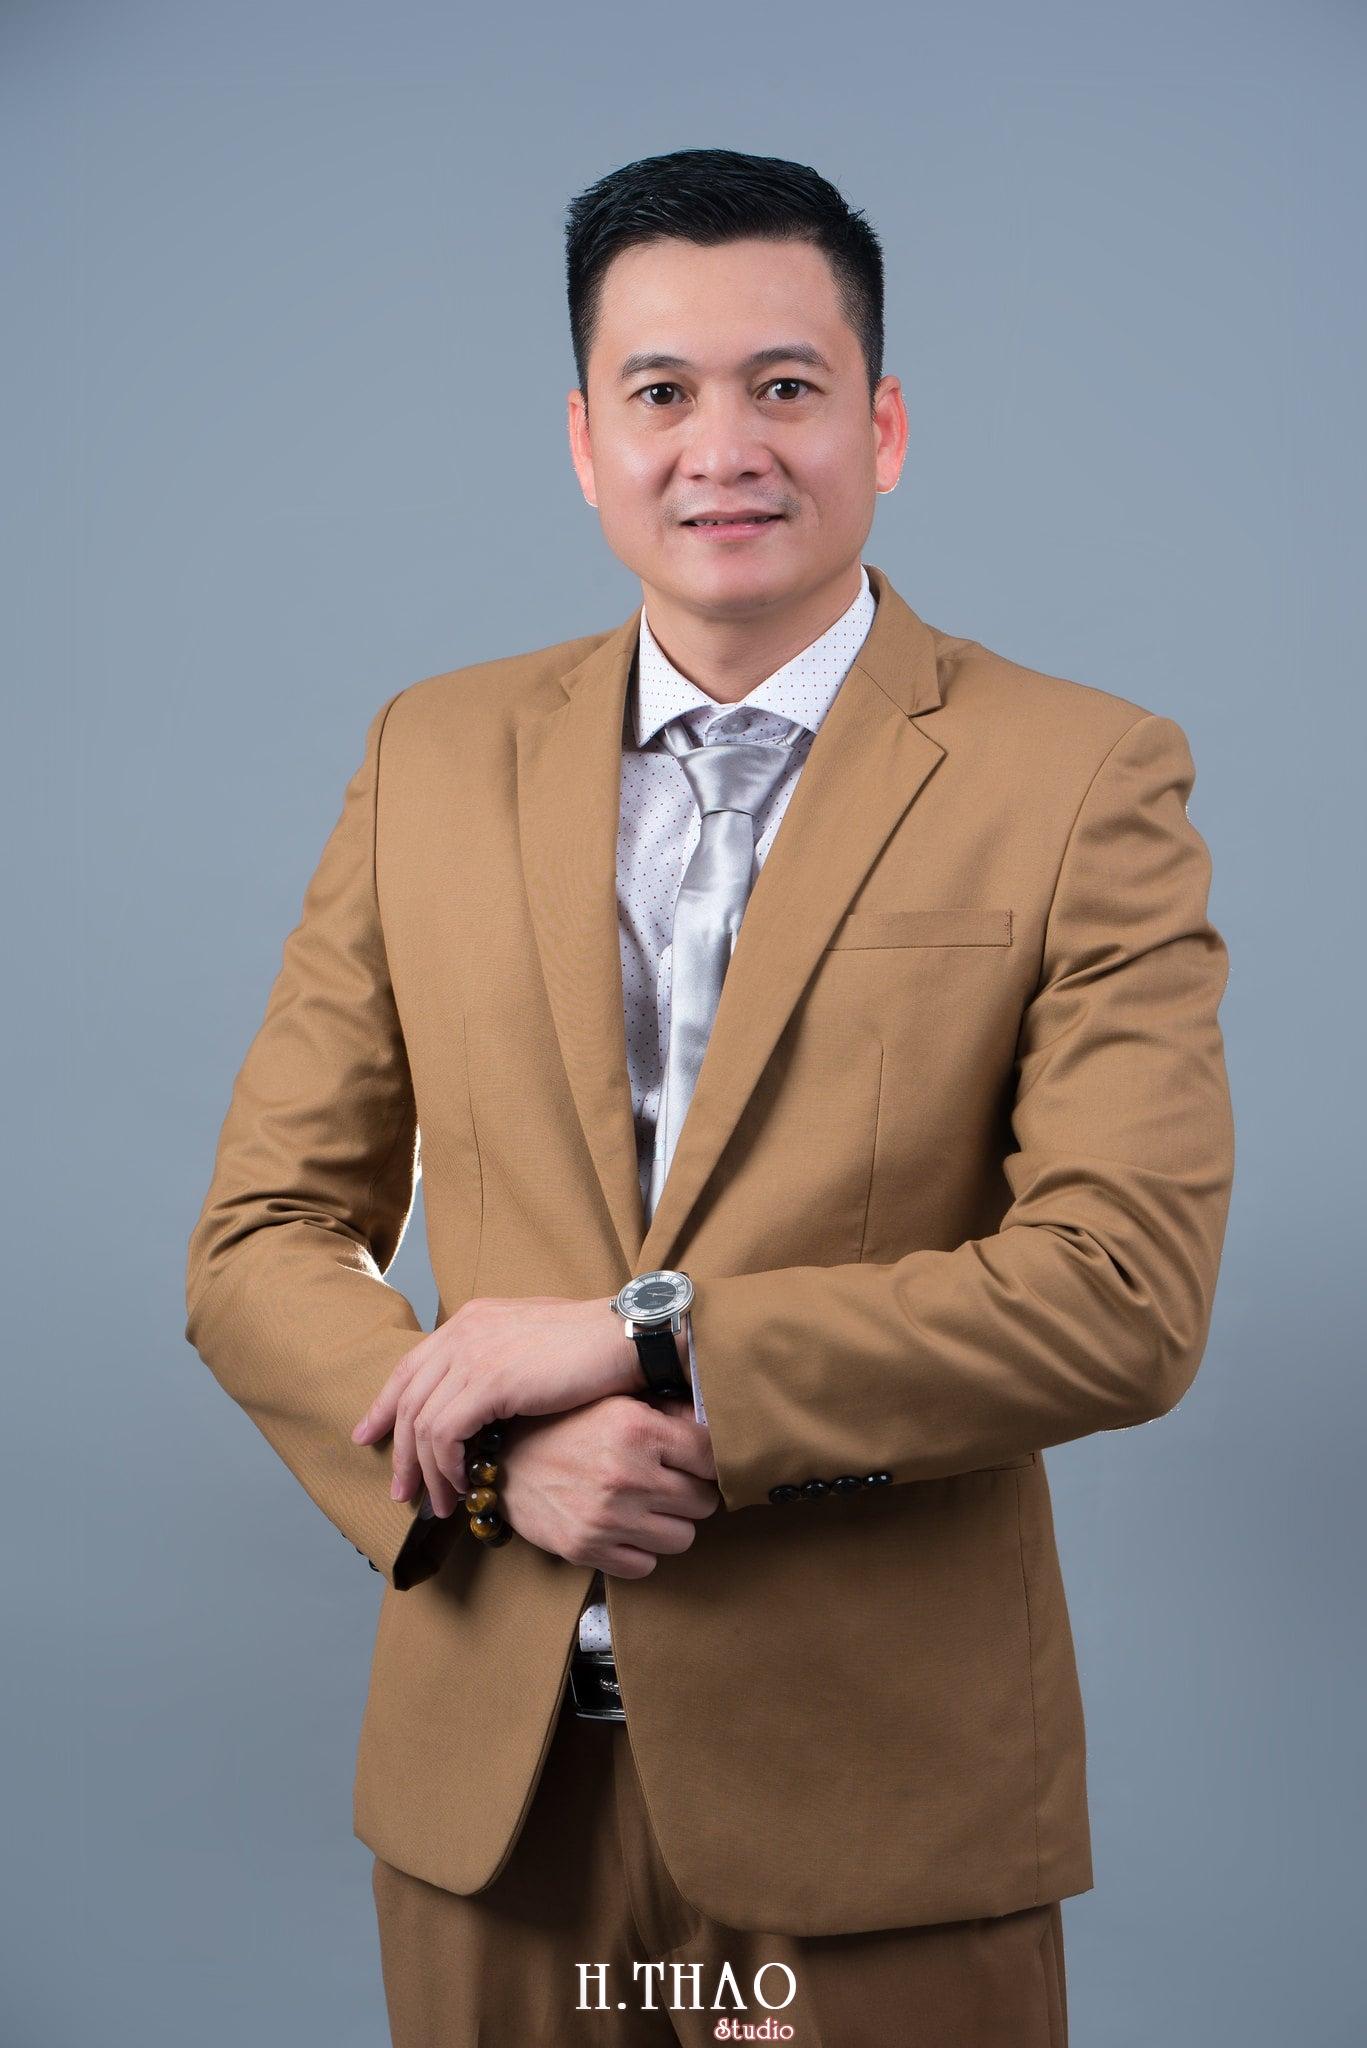 nh doanh nhân đẹp - Album ảnh chuẩn phong cách doanh nhân Hưng Nguyễn - HThao Studio